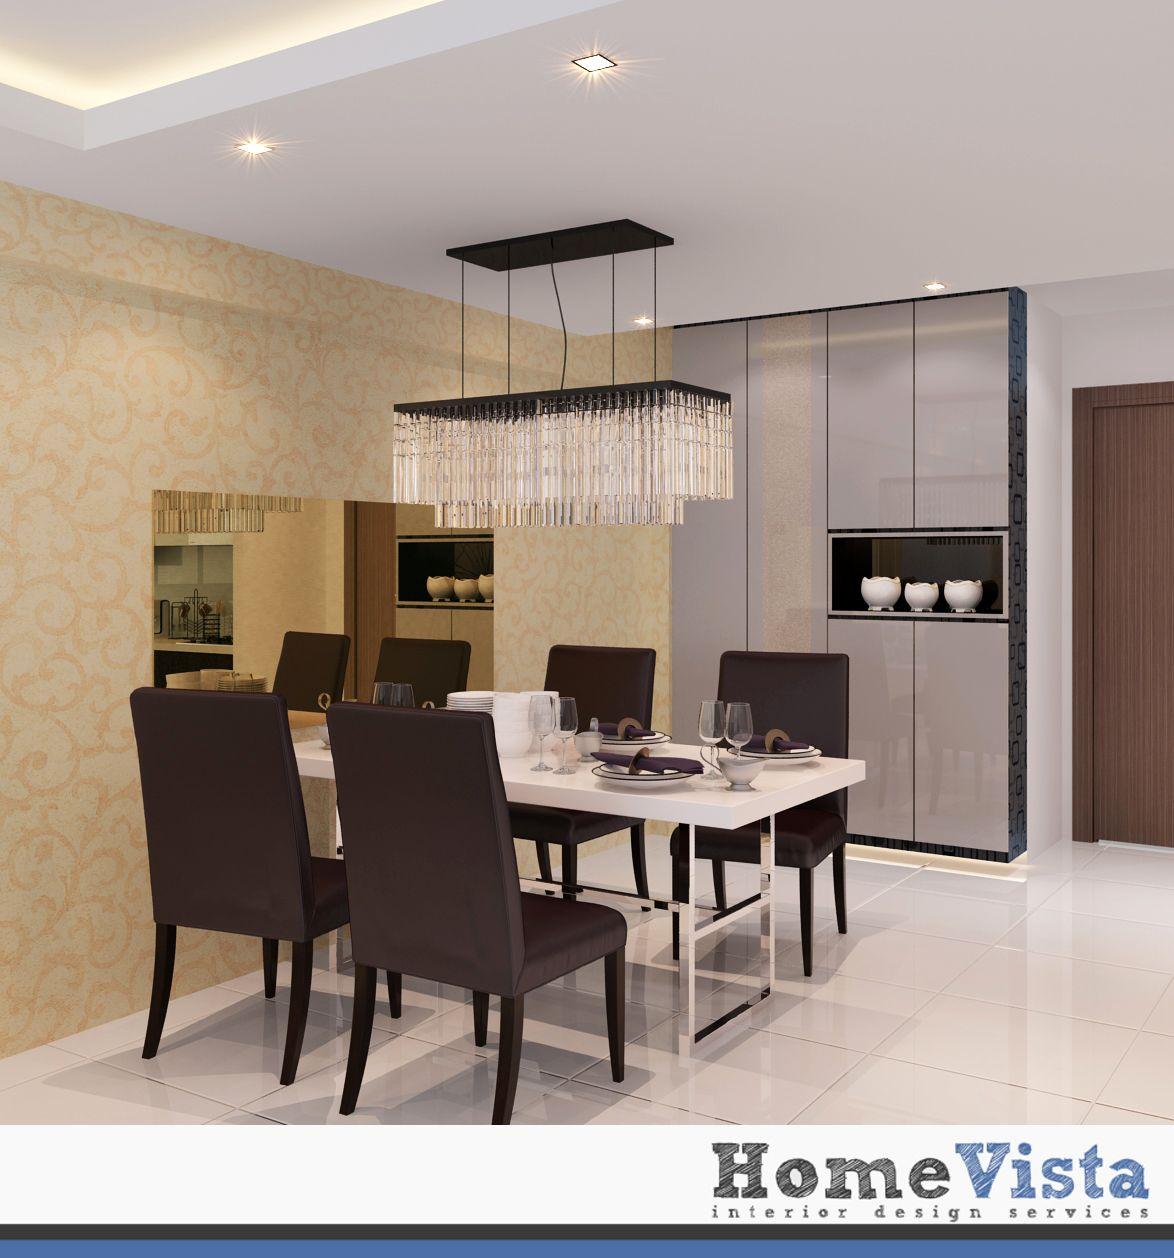 4 room bto yishun hdb bto homevista dining room for 4 room bto design ideas